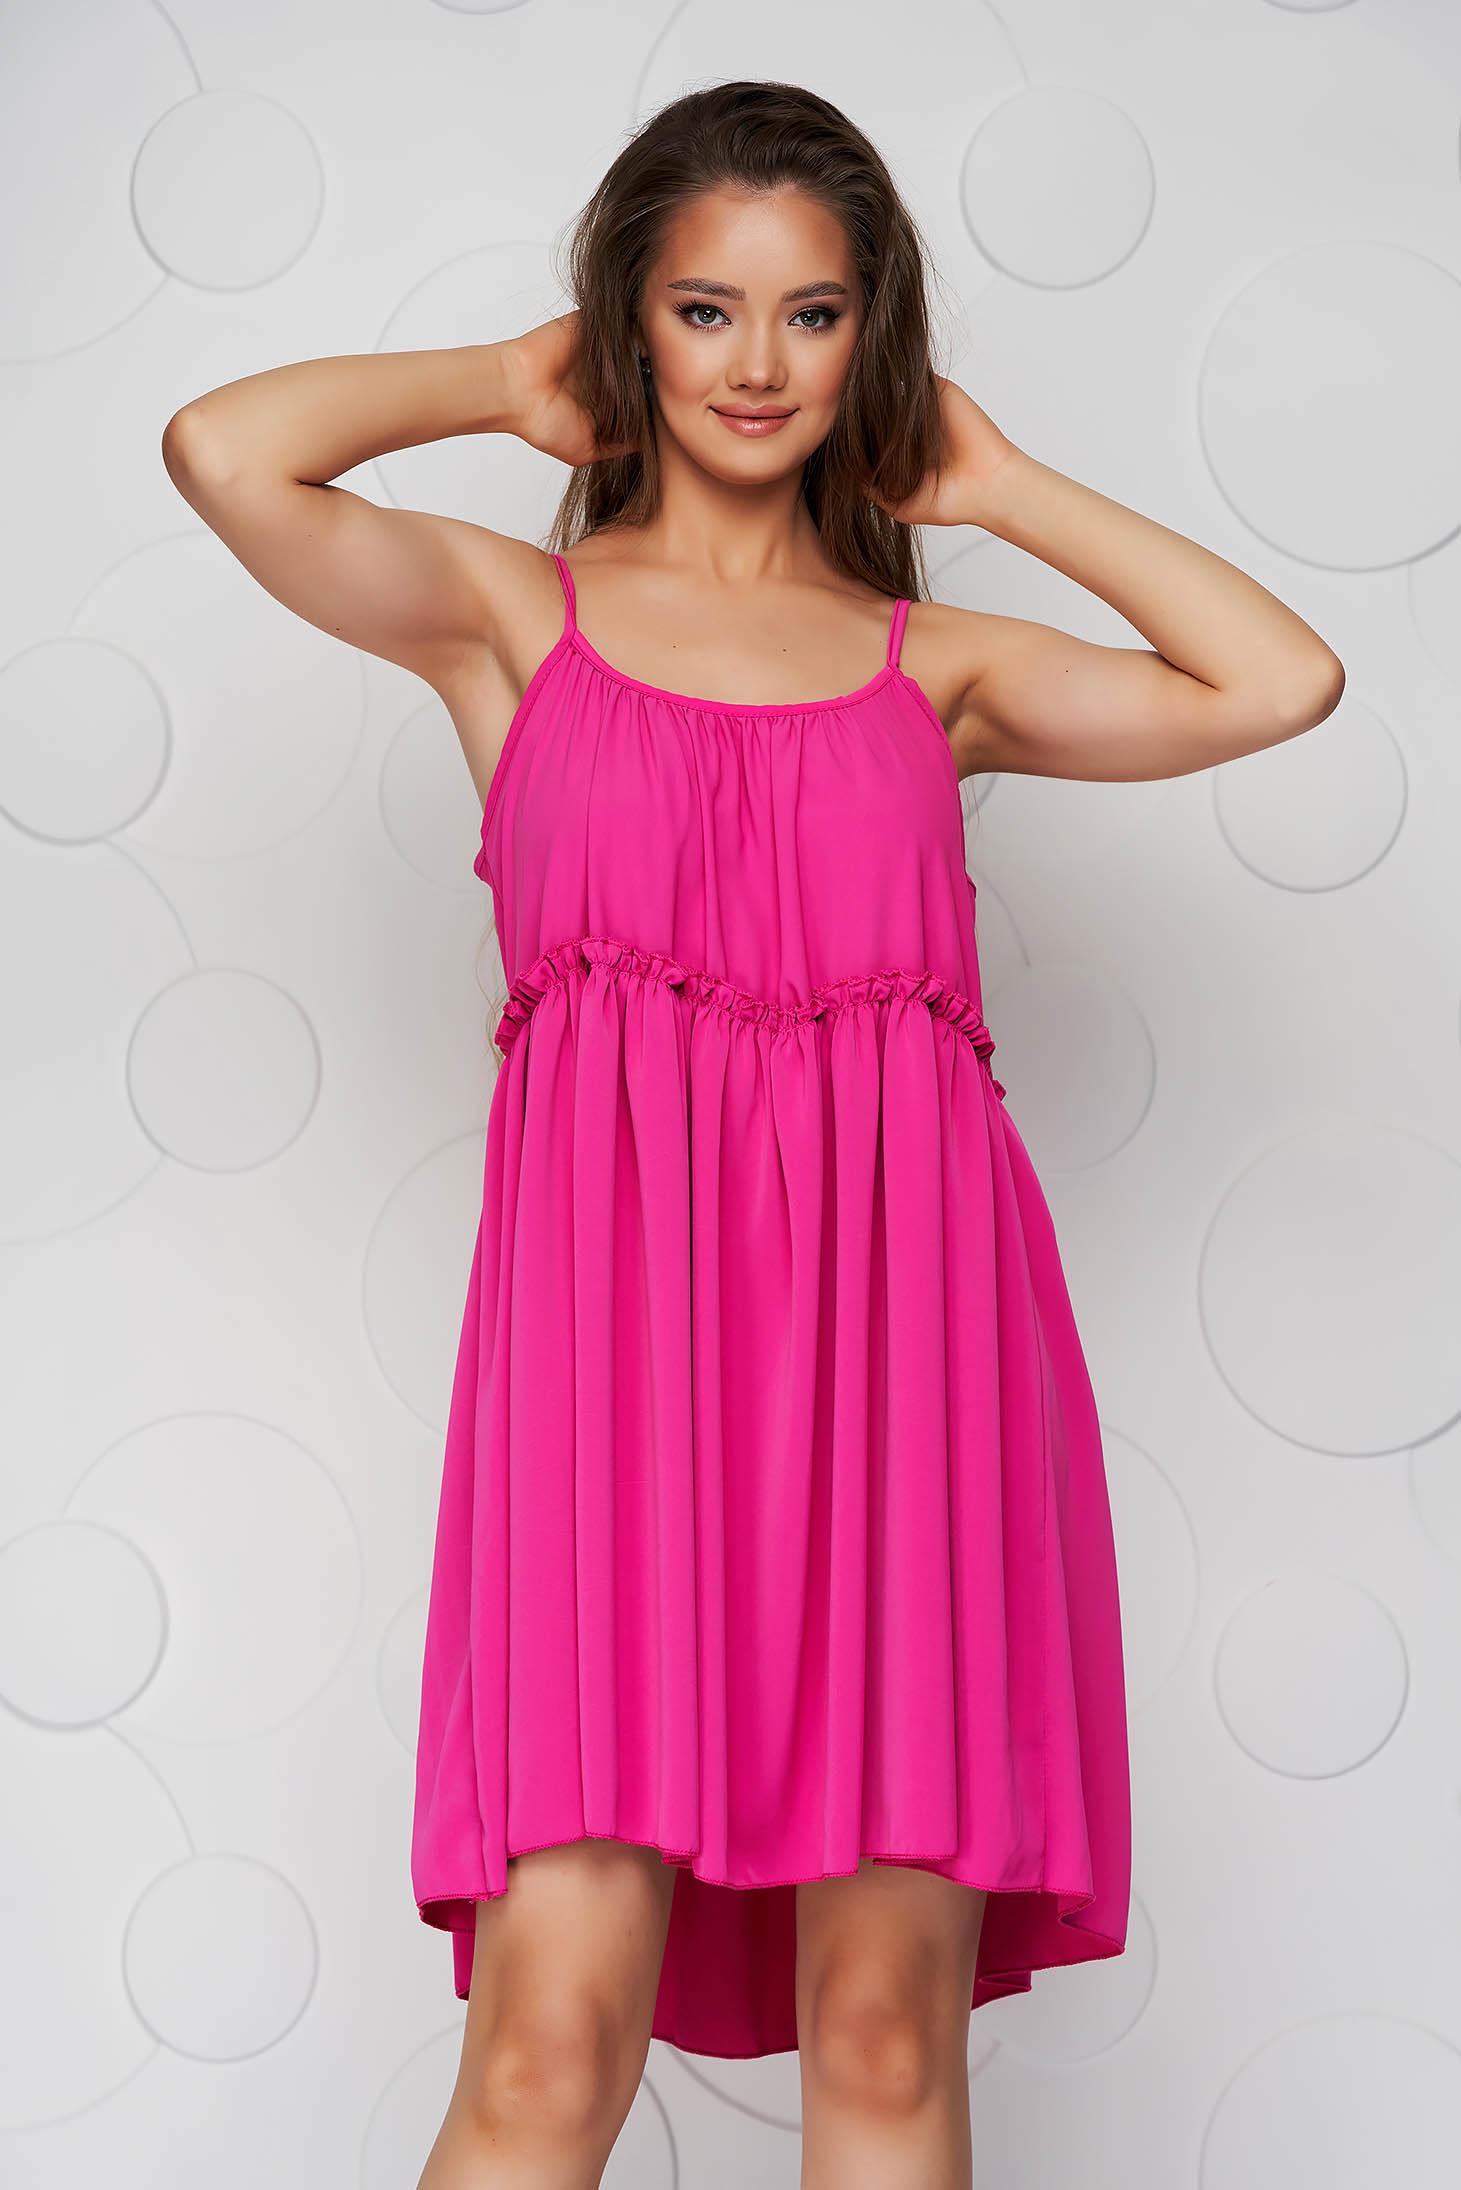 Pink ruha vékony anyag bő szabású pántos kerekített dekoltázssal vékony anyagból